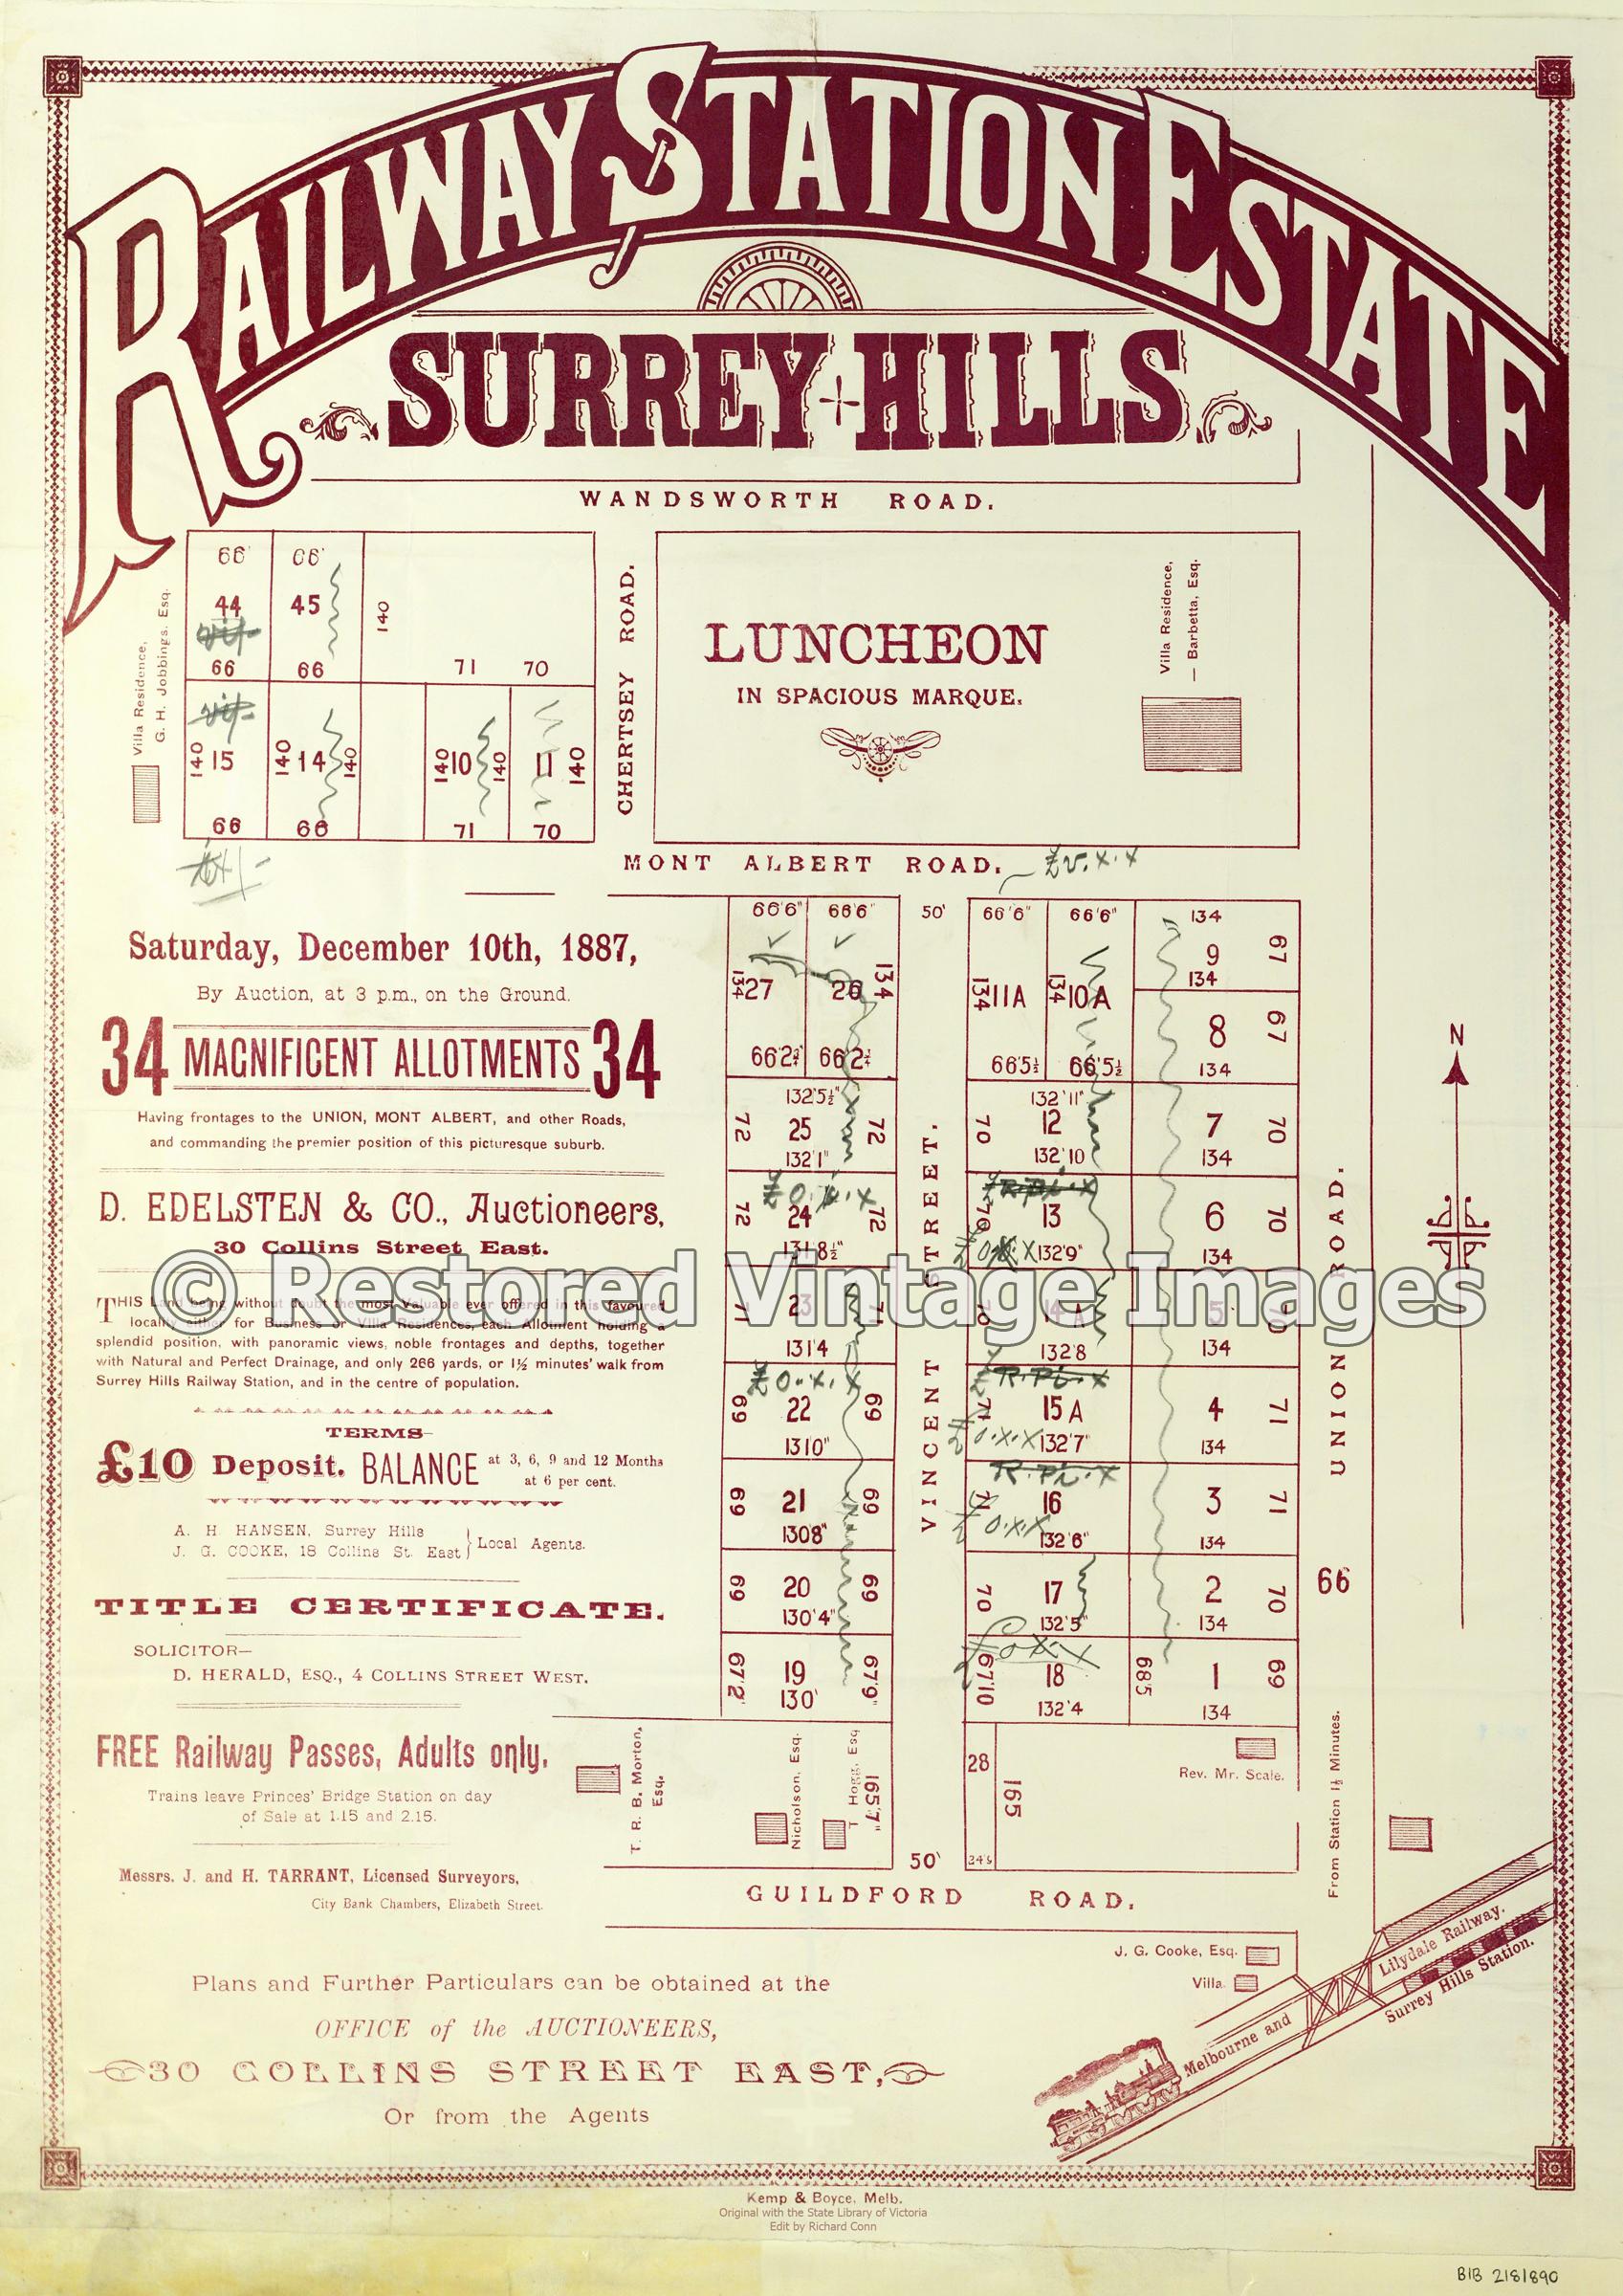 Surrey Hills Auction 1887 – Railway Station Estate